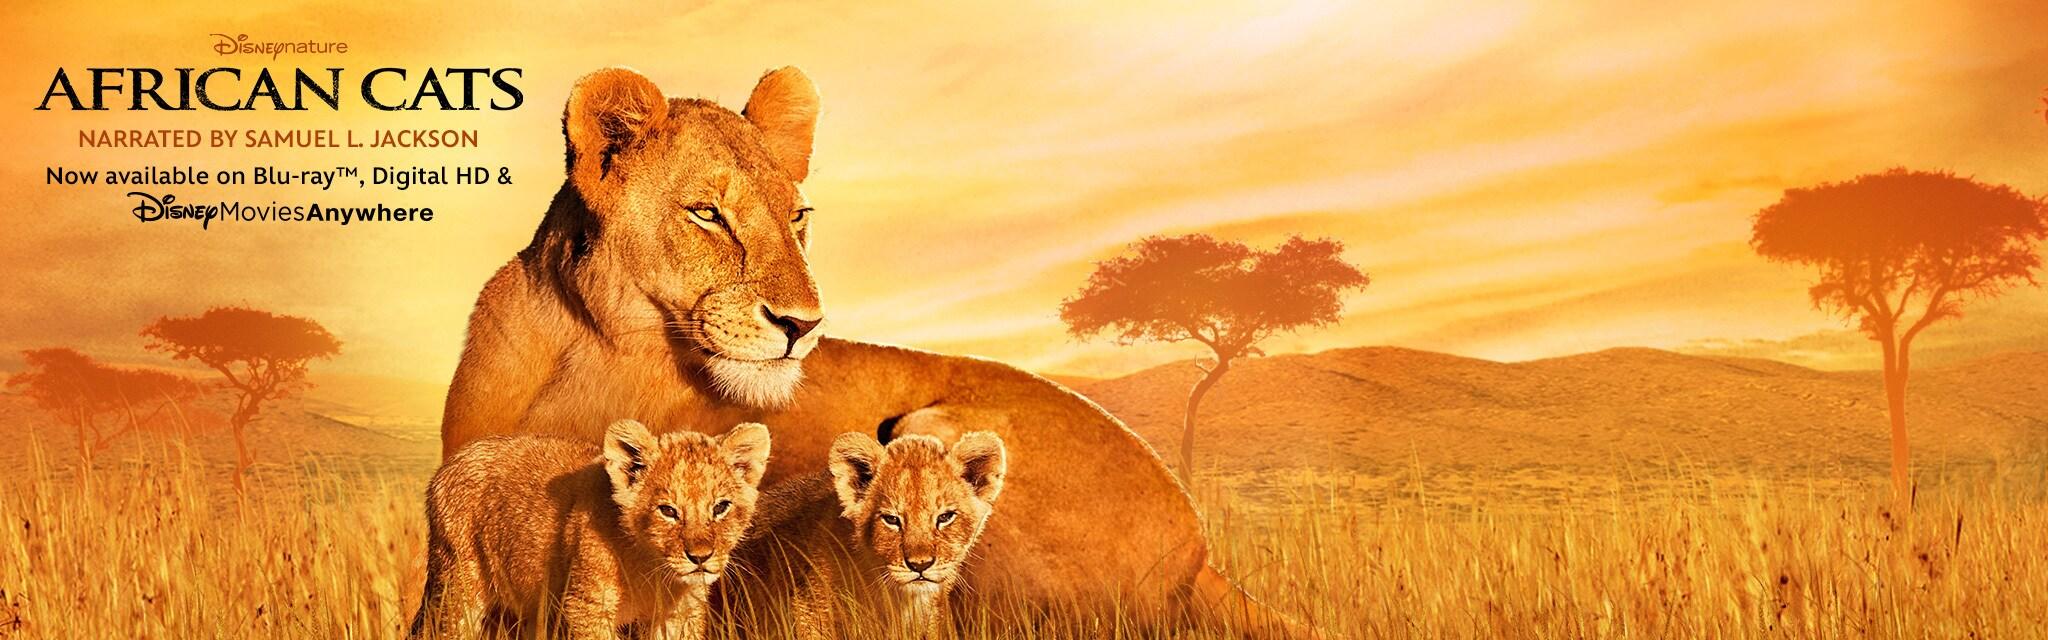 African Cats Hero